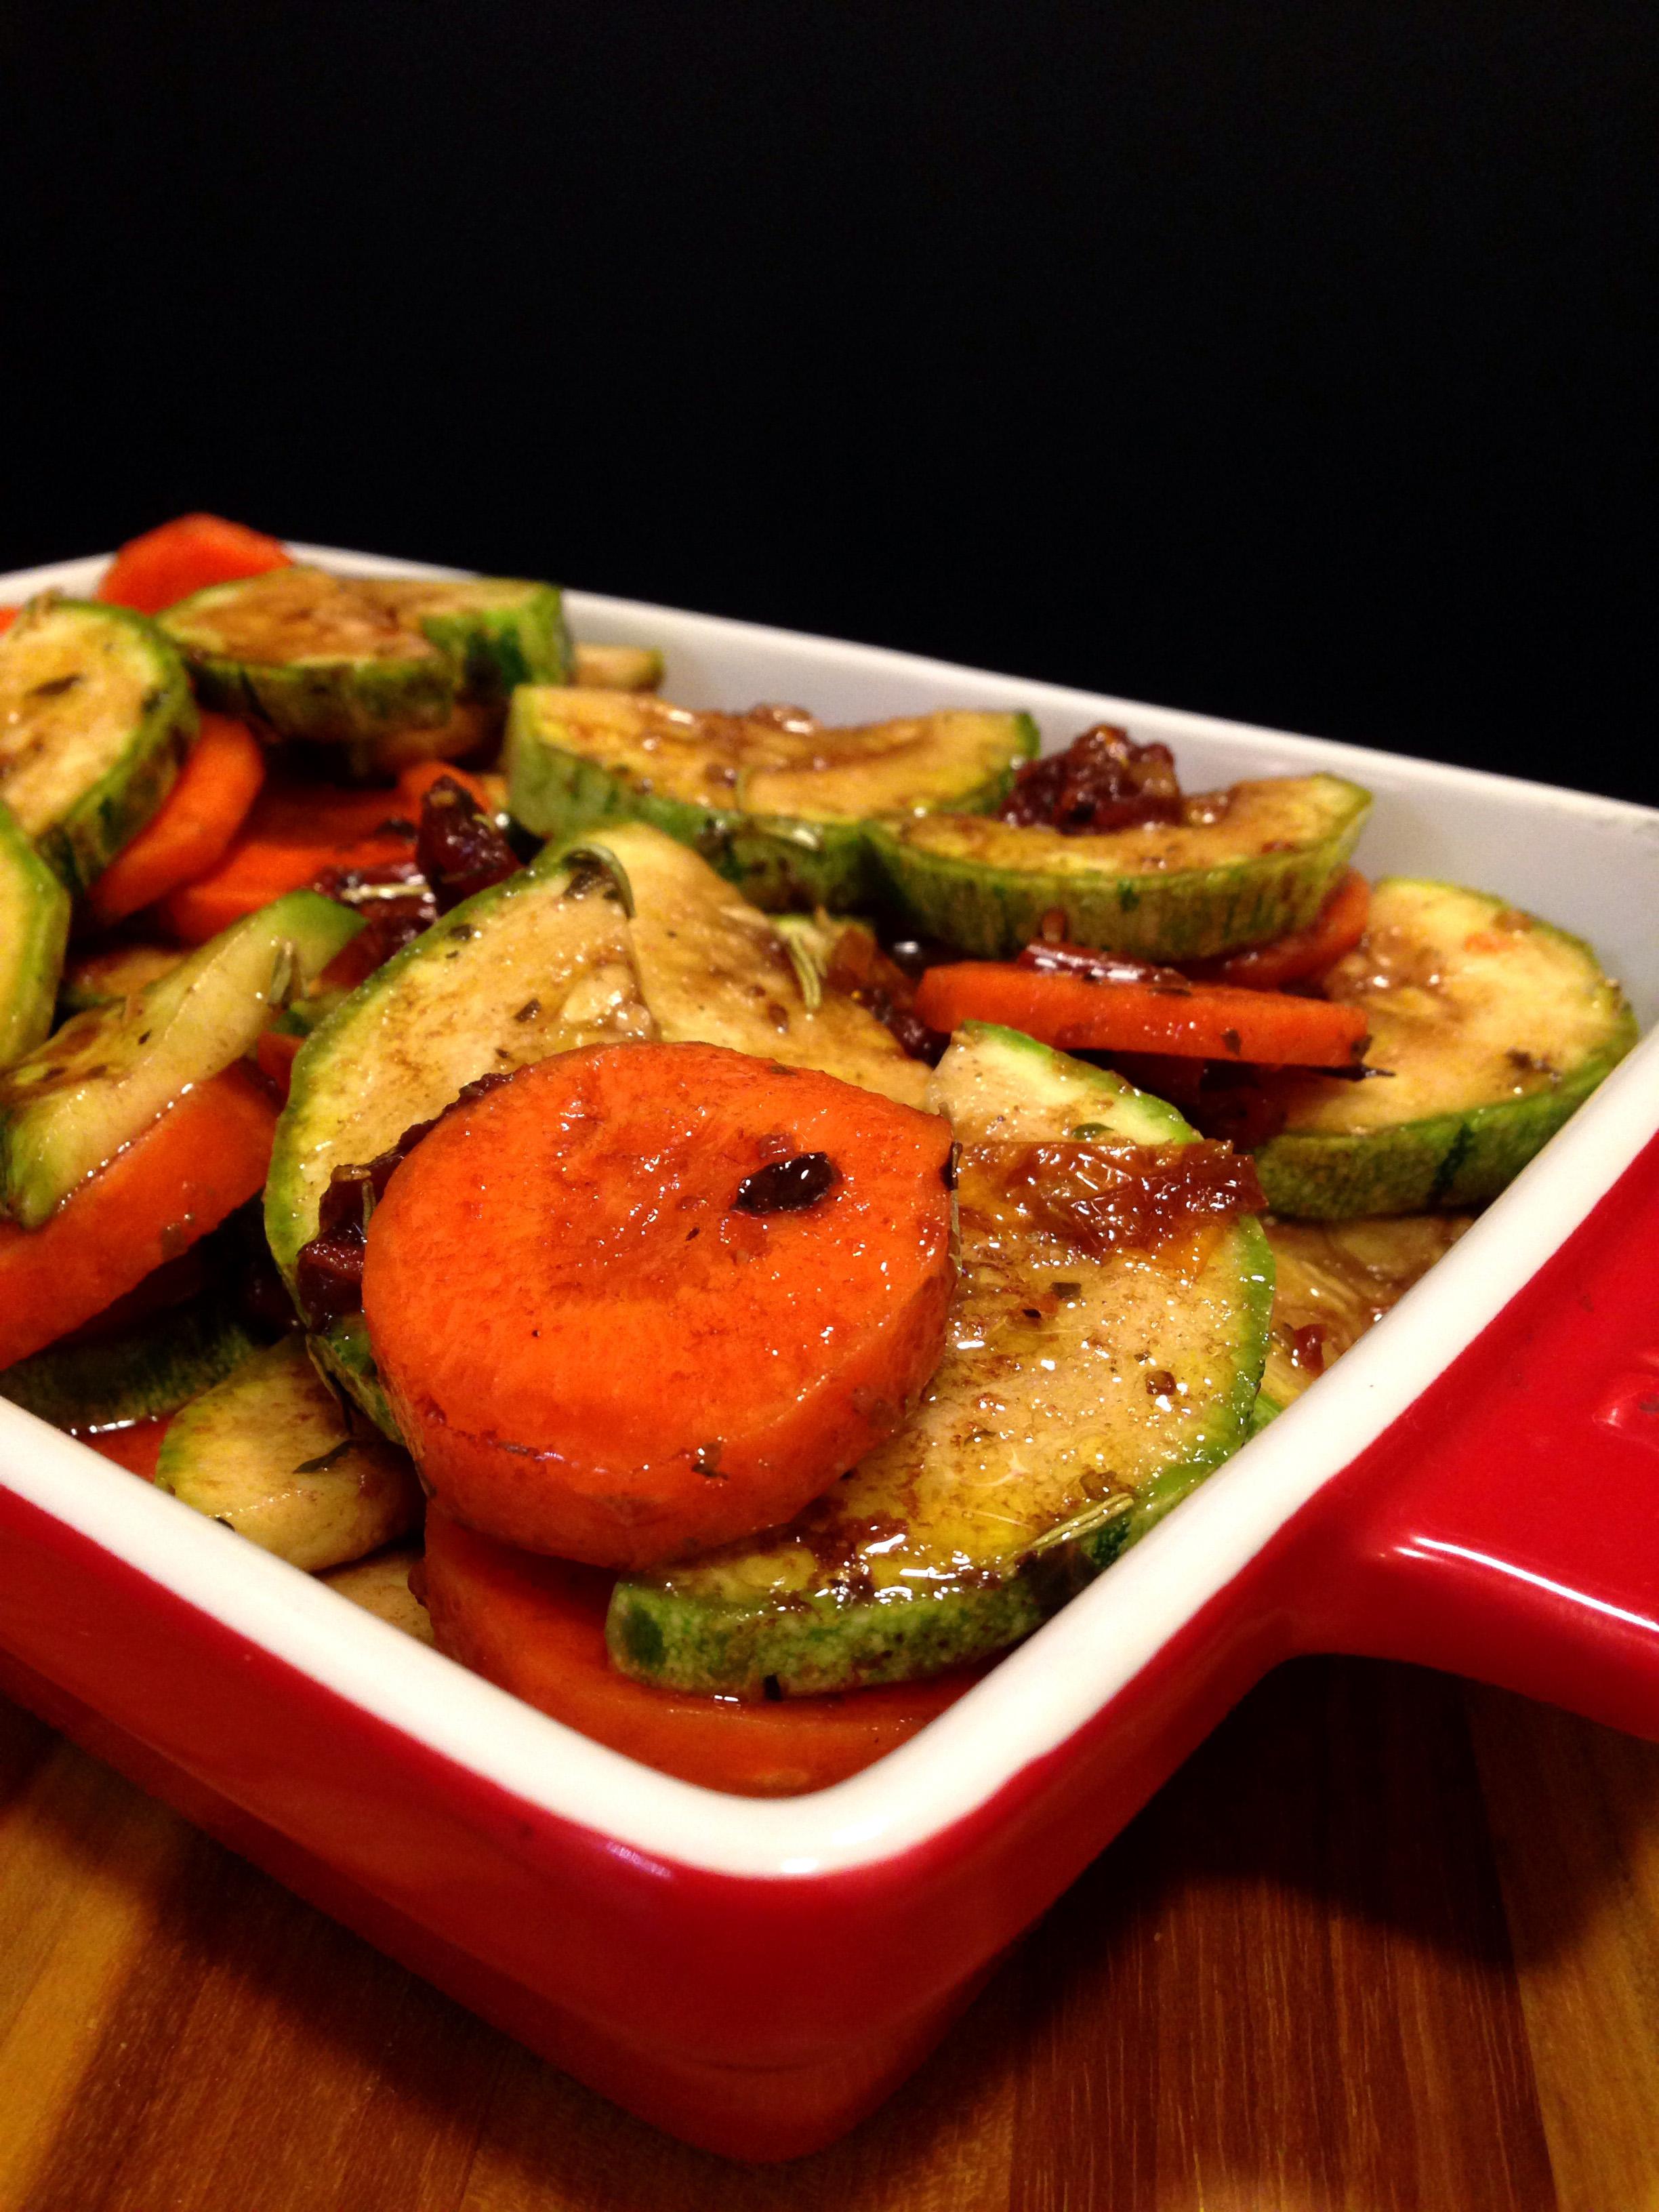 Receita de Legumes ao Forno foto Cuecas na Cozinha #791C04 2448 3264